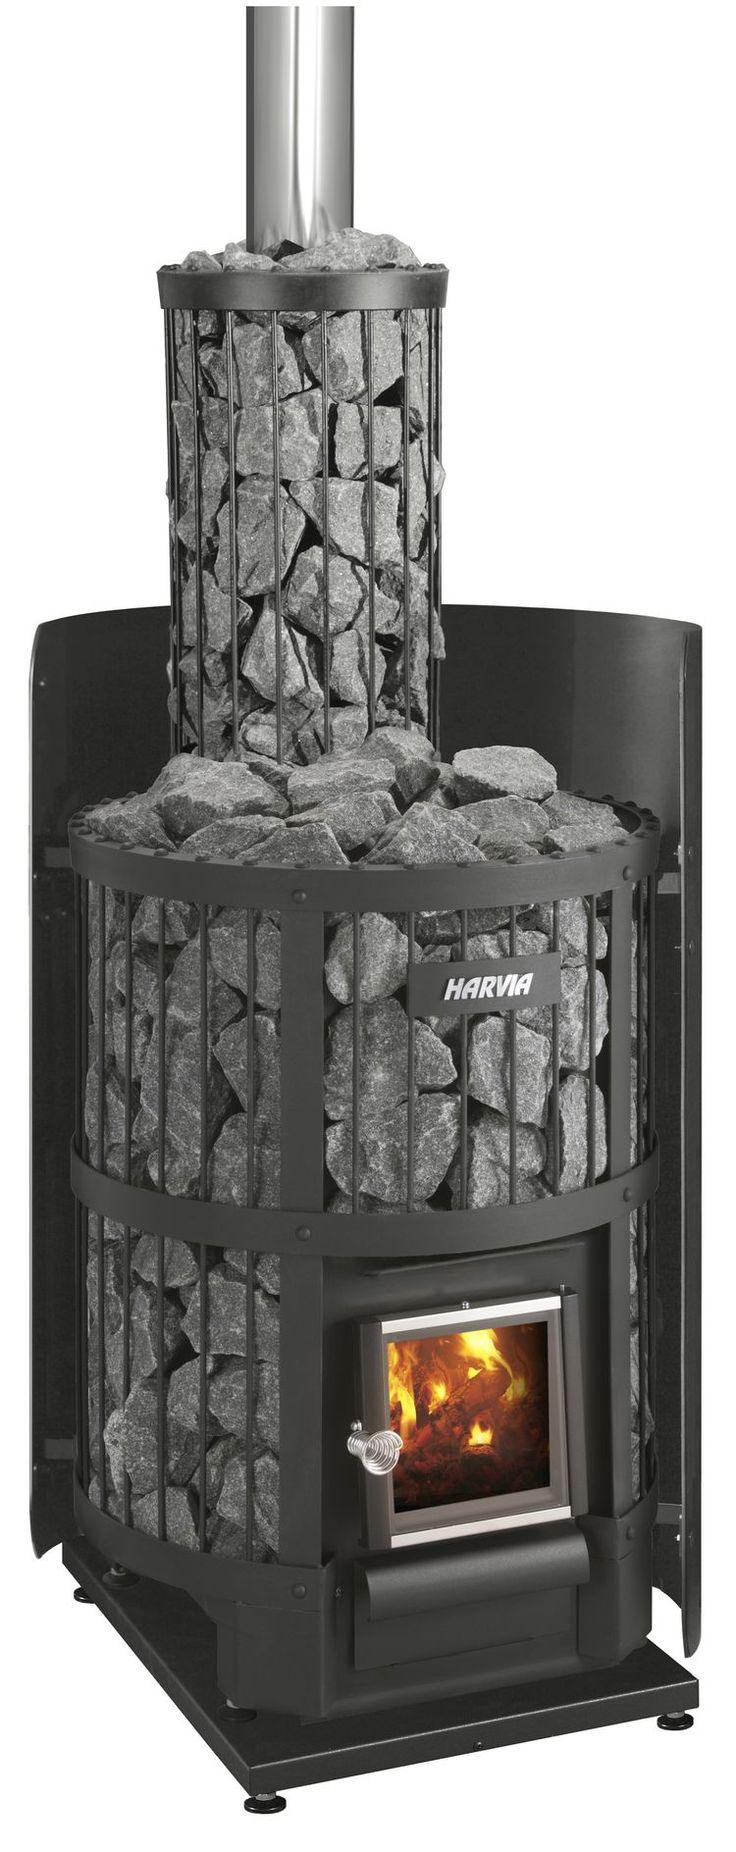 die besten 25 sauna holzofen ideen auf pinterest vintage holz zeichen scheune gem lde und. Black Bedroom Furniture Sets. Home Design Ideas